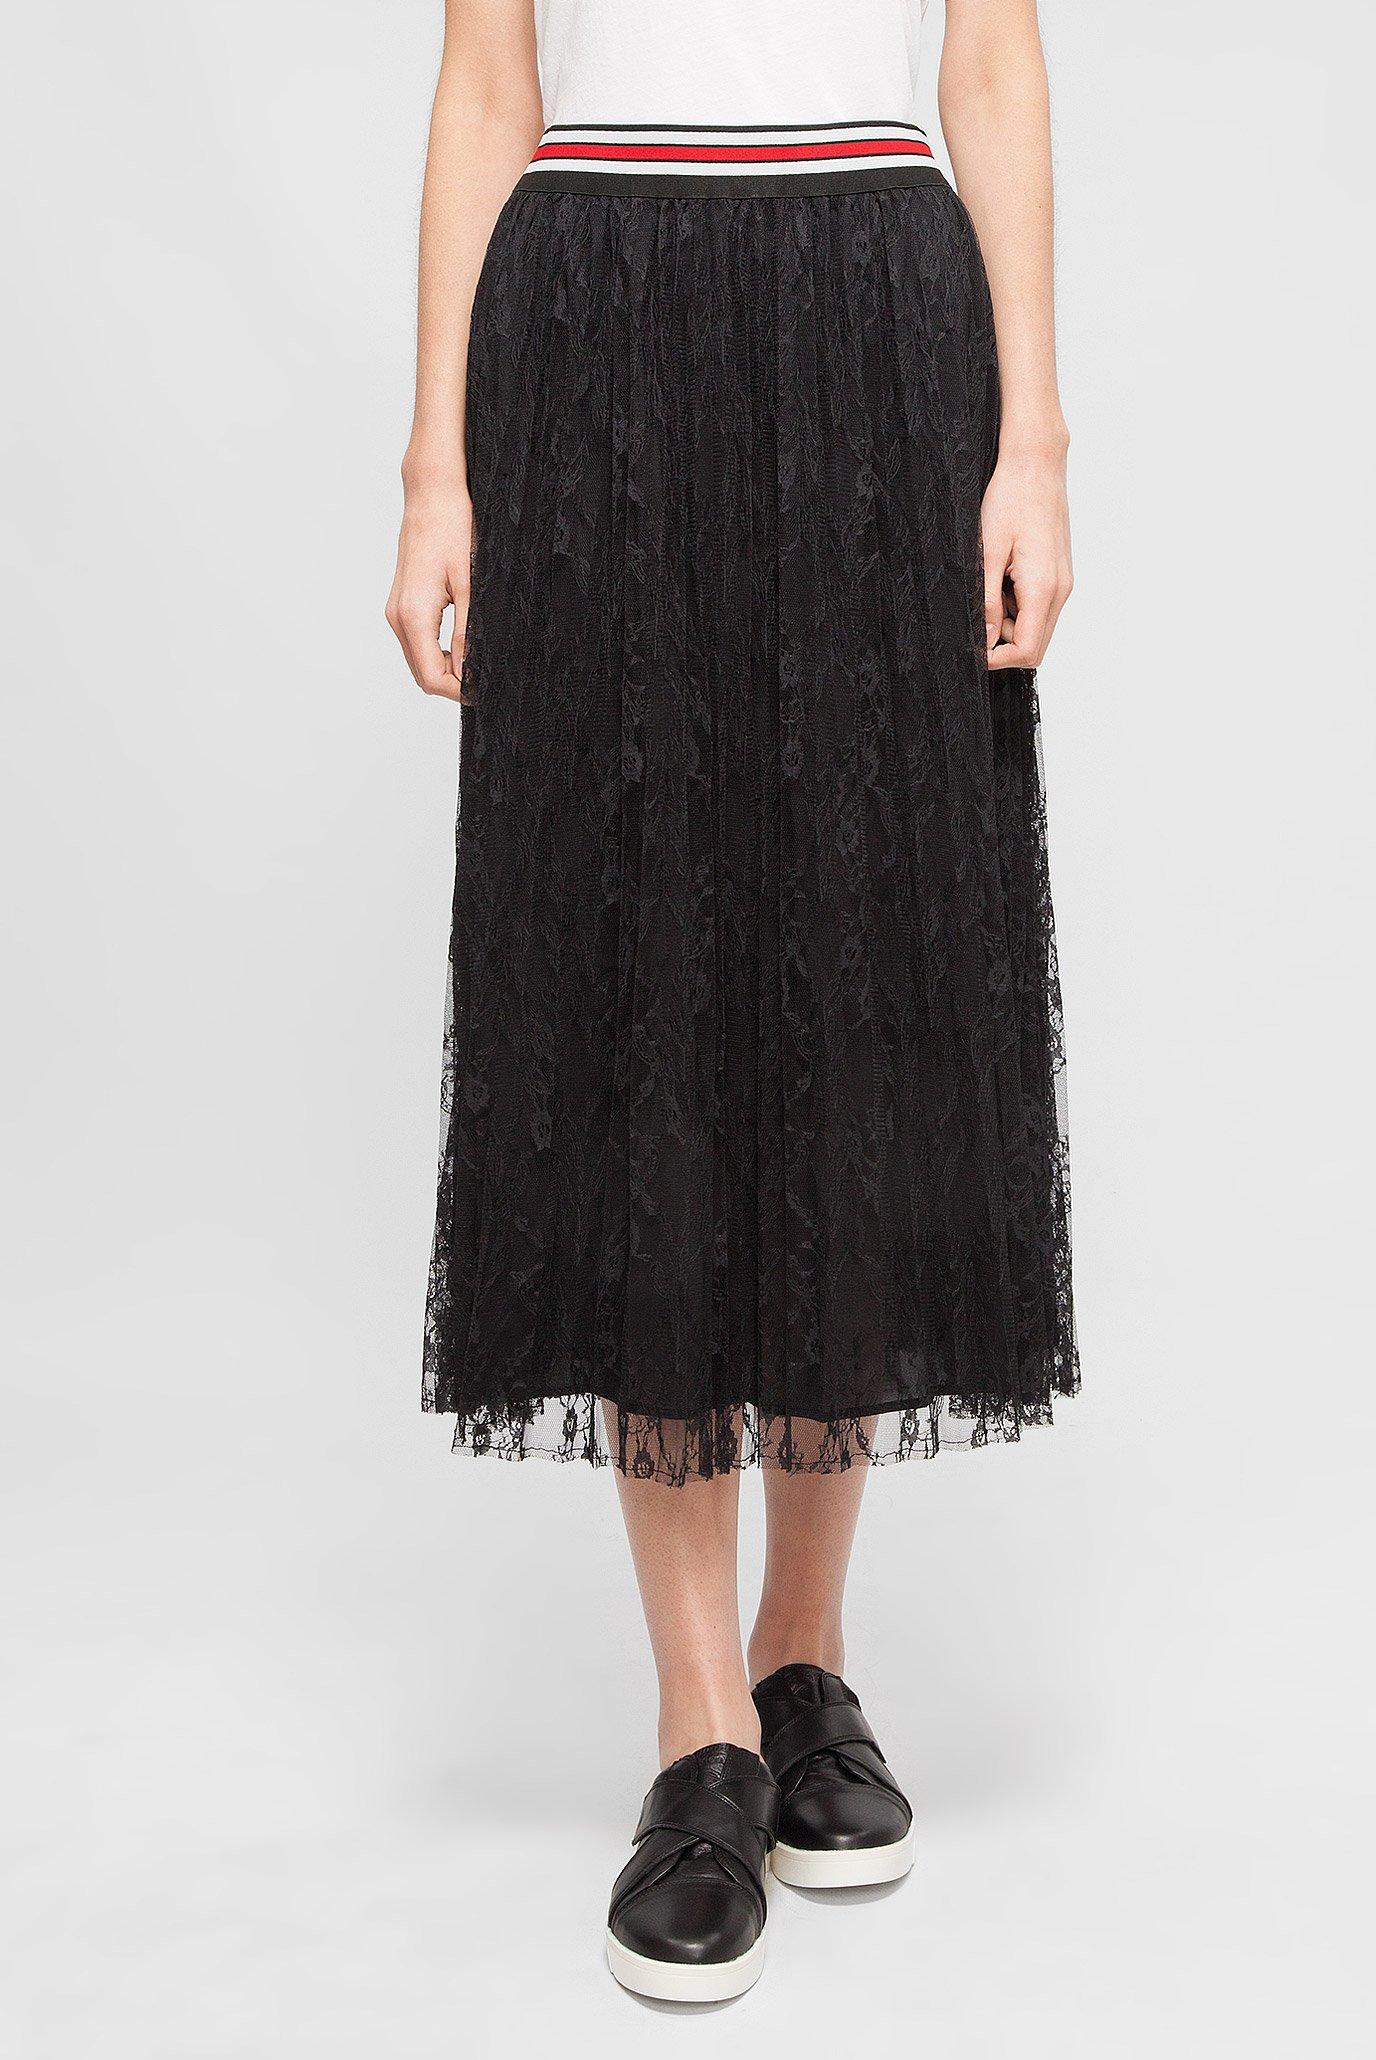 cb1ffddb5ec9 Купить Женская черная плиссированная юбка Replay Replay W9233B.000.82894 –  Киев, Украина. Цены в интернет магазине MD Fashion